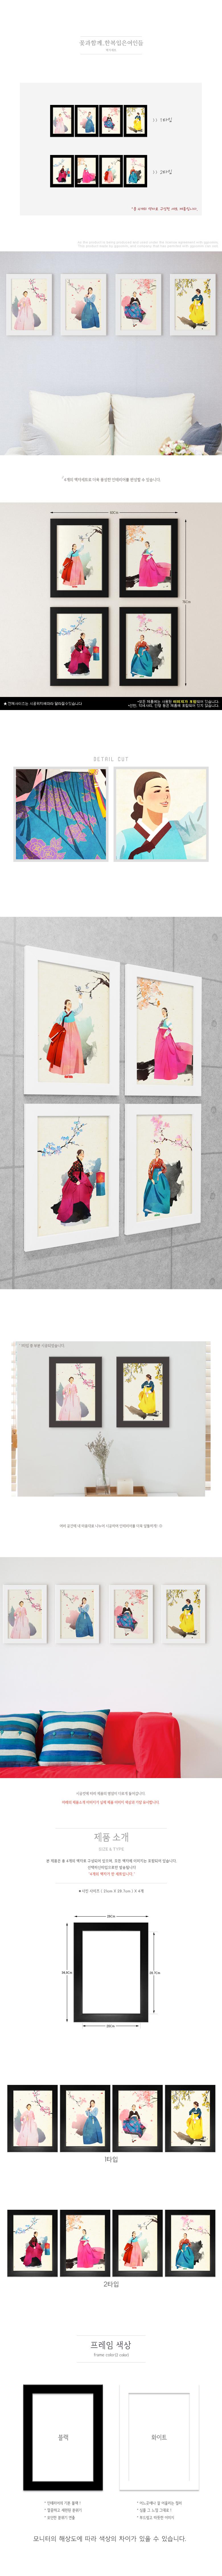 꽃과함께_한복입은여인들_액자세트 - 꾸밈, 35,200원, 홈갤러리, 사진아트